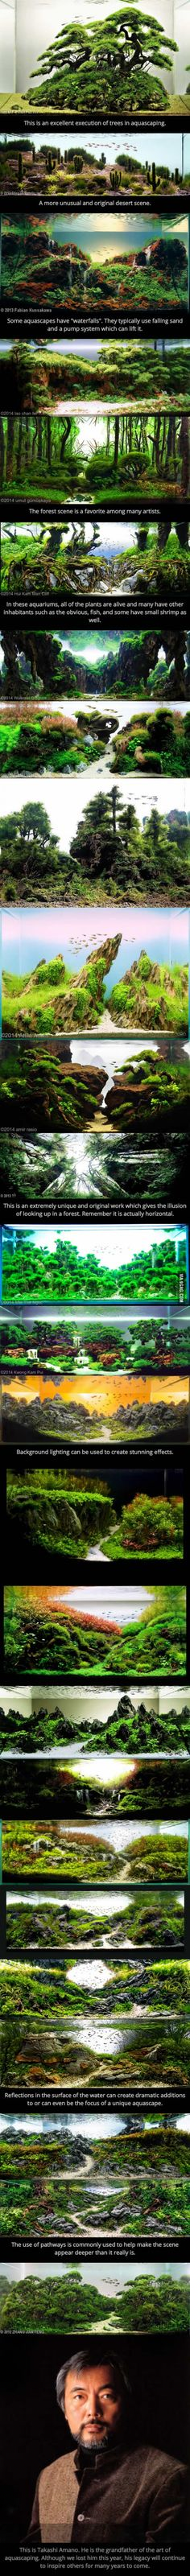 - Aquarium - These Are Aquariums. This Is The Art Of Aquascaping. This is just amazing . These are aquariums. This is the art of a aquascaping. Aquascaping, Aquarium Aquascape, Planted Aquarium, Aquarium Terrarium, Aquarium Landscape, Aquarium Fish, Aquarium Design, Paludarium, Vivarium